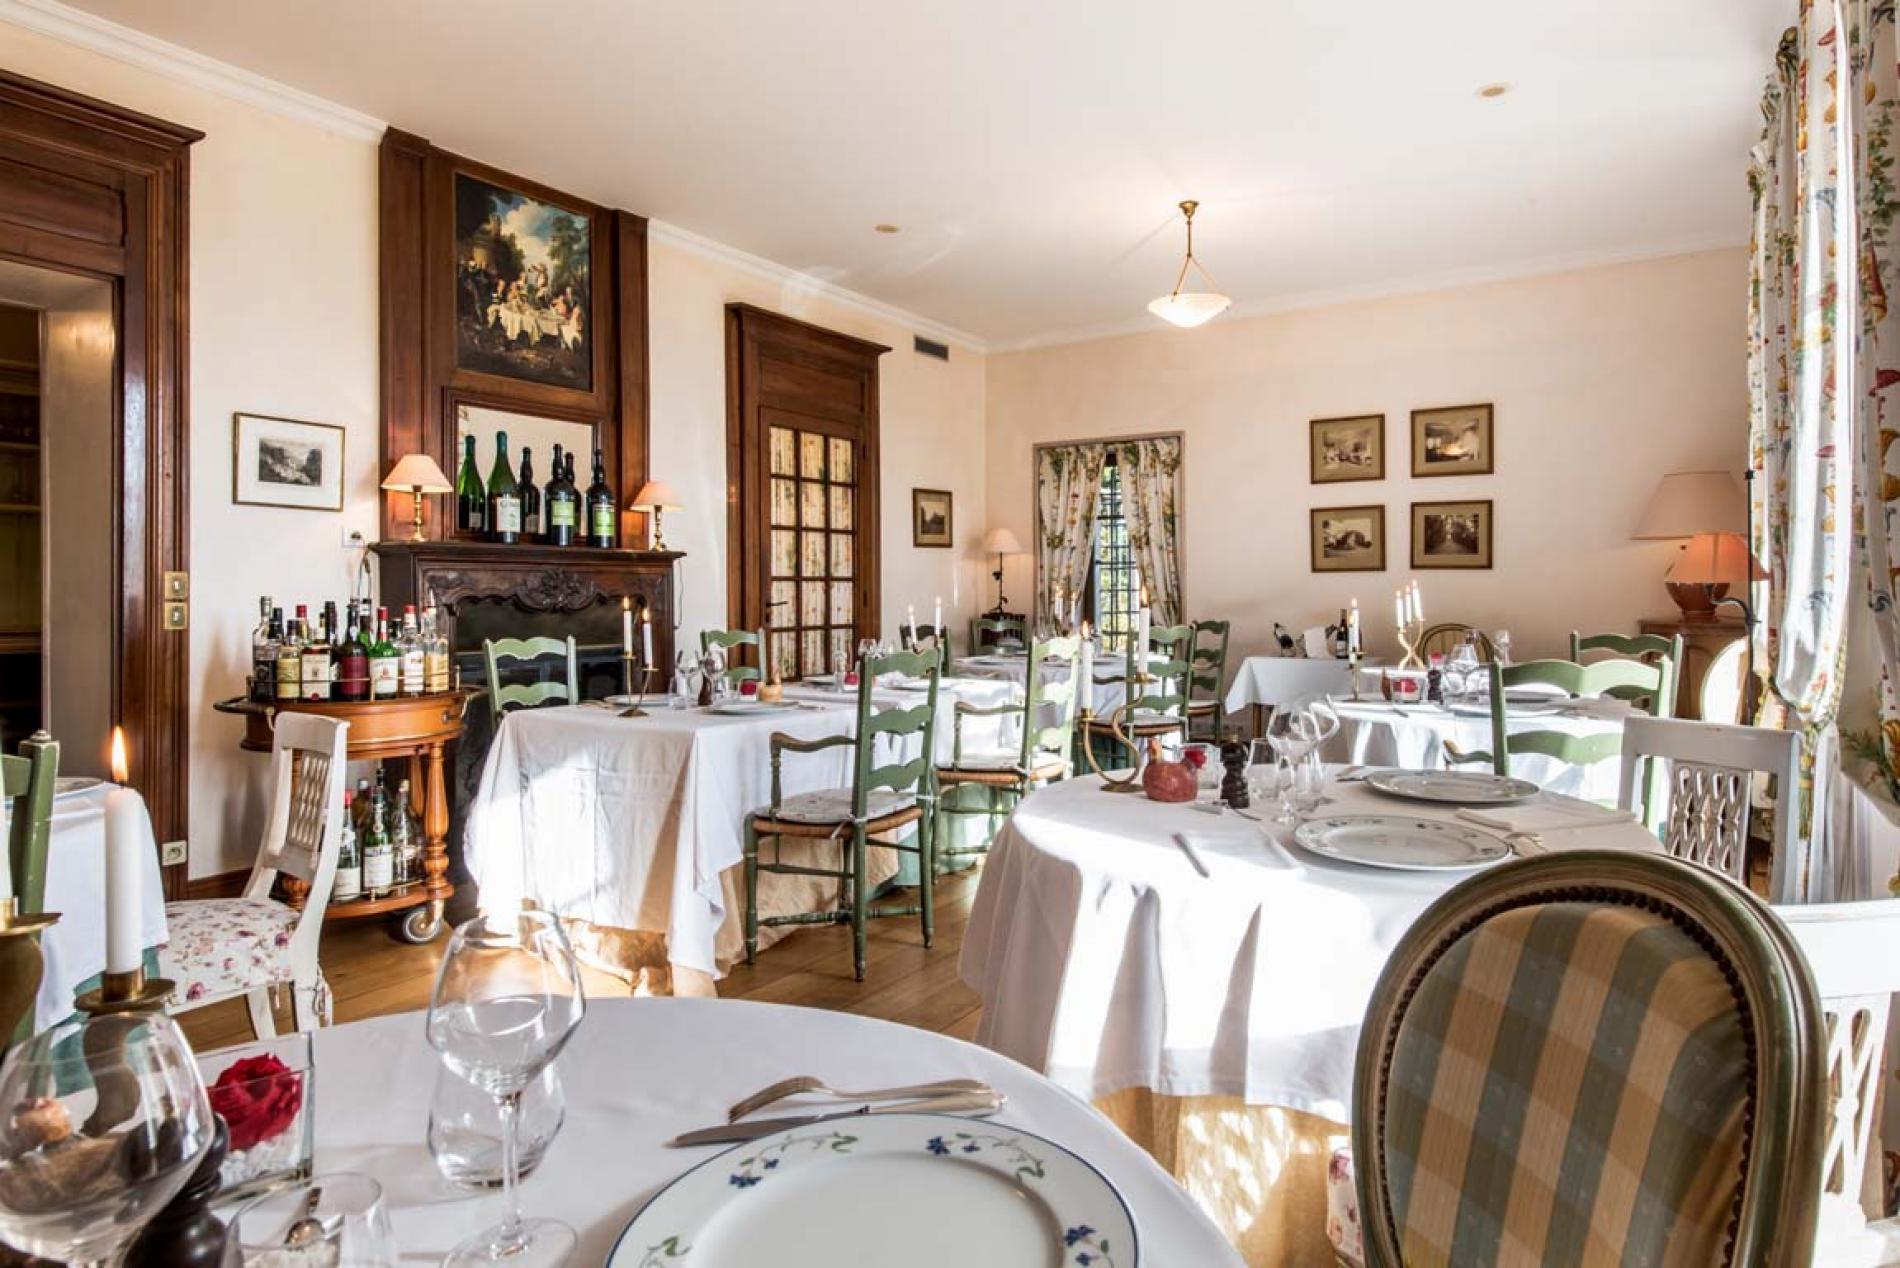 Restaurant Gastronomique En Savoie A Coise Saint Jean Massif Des